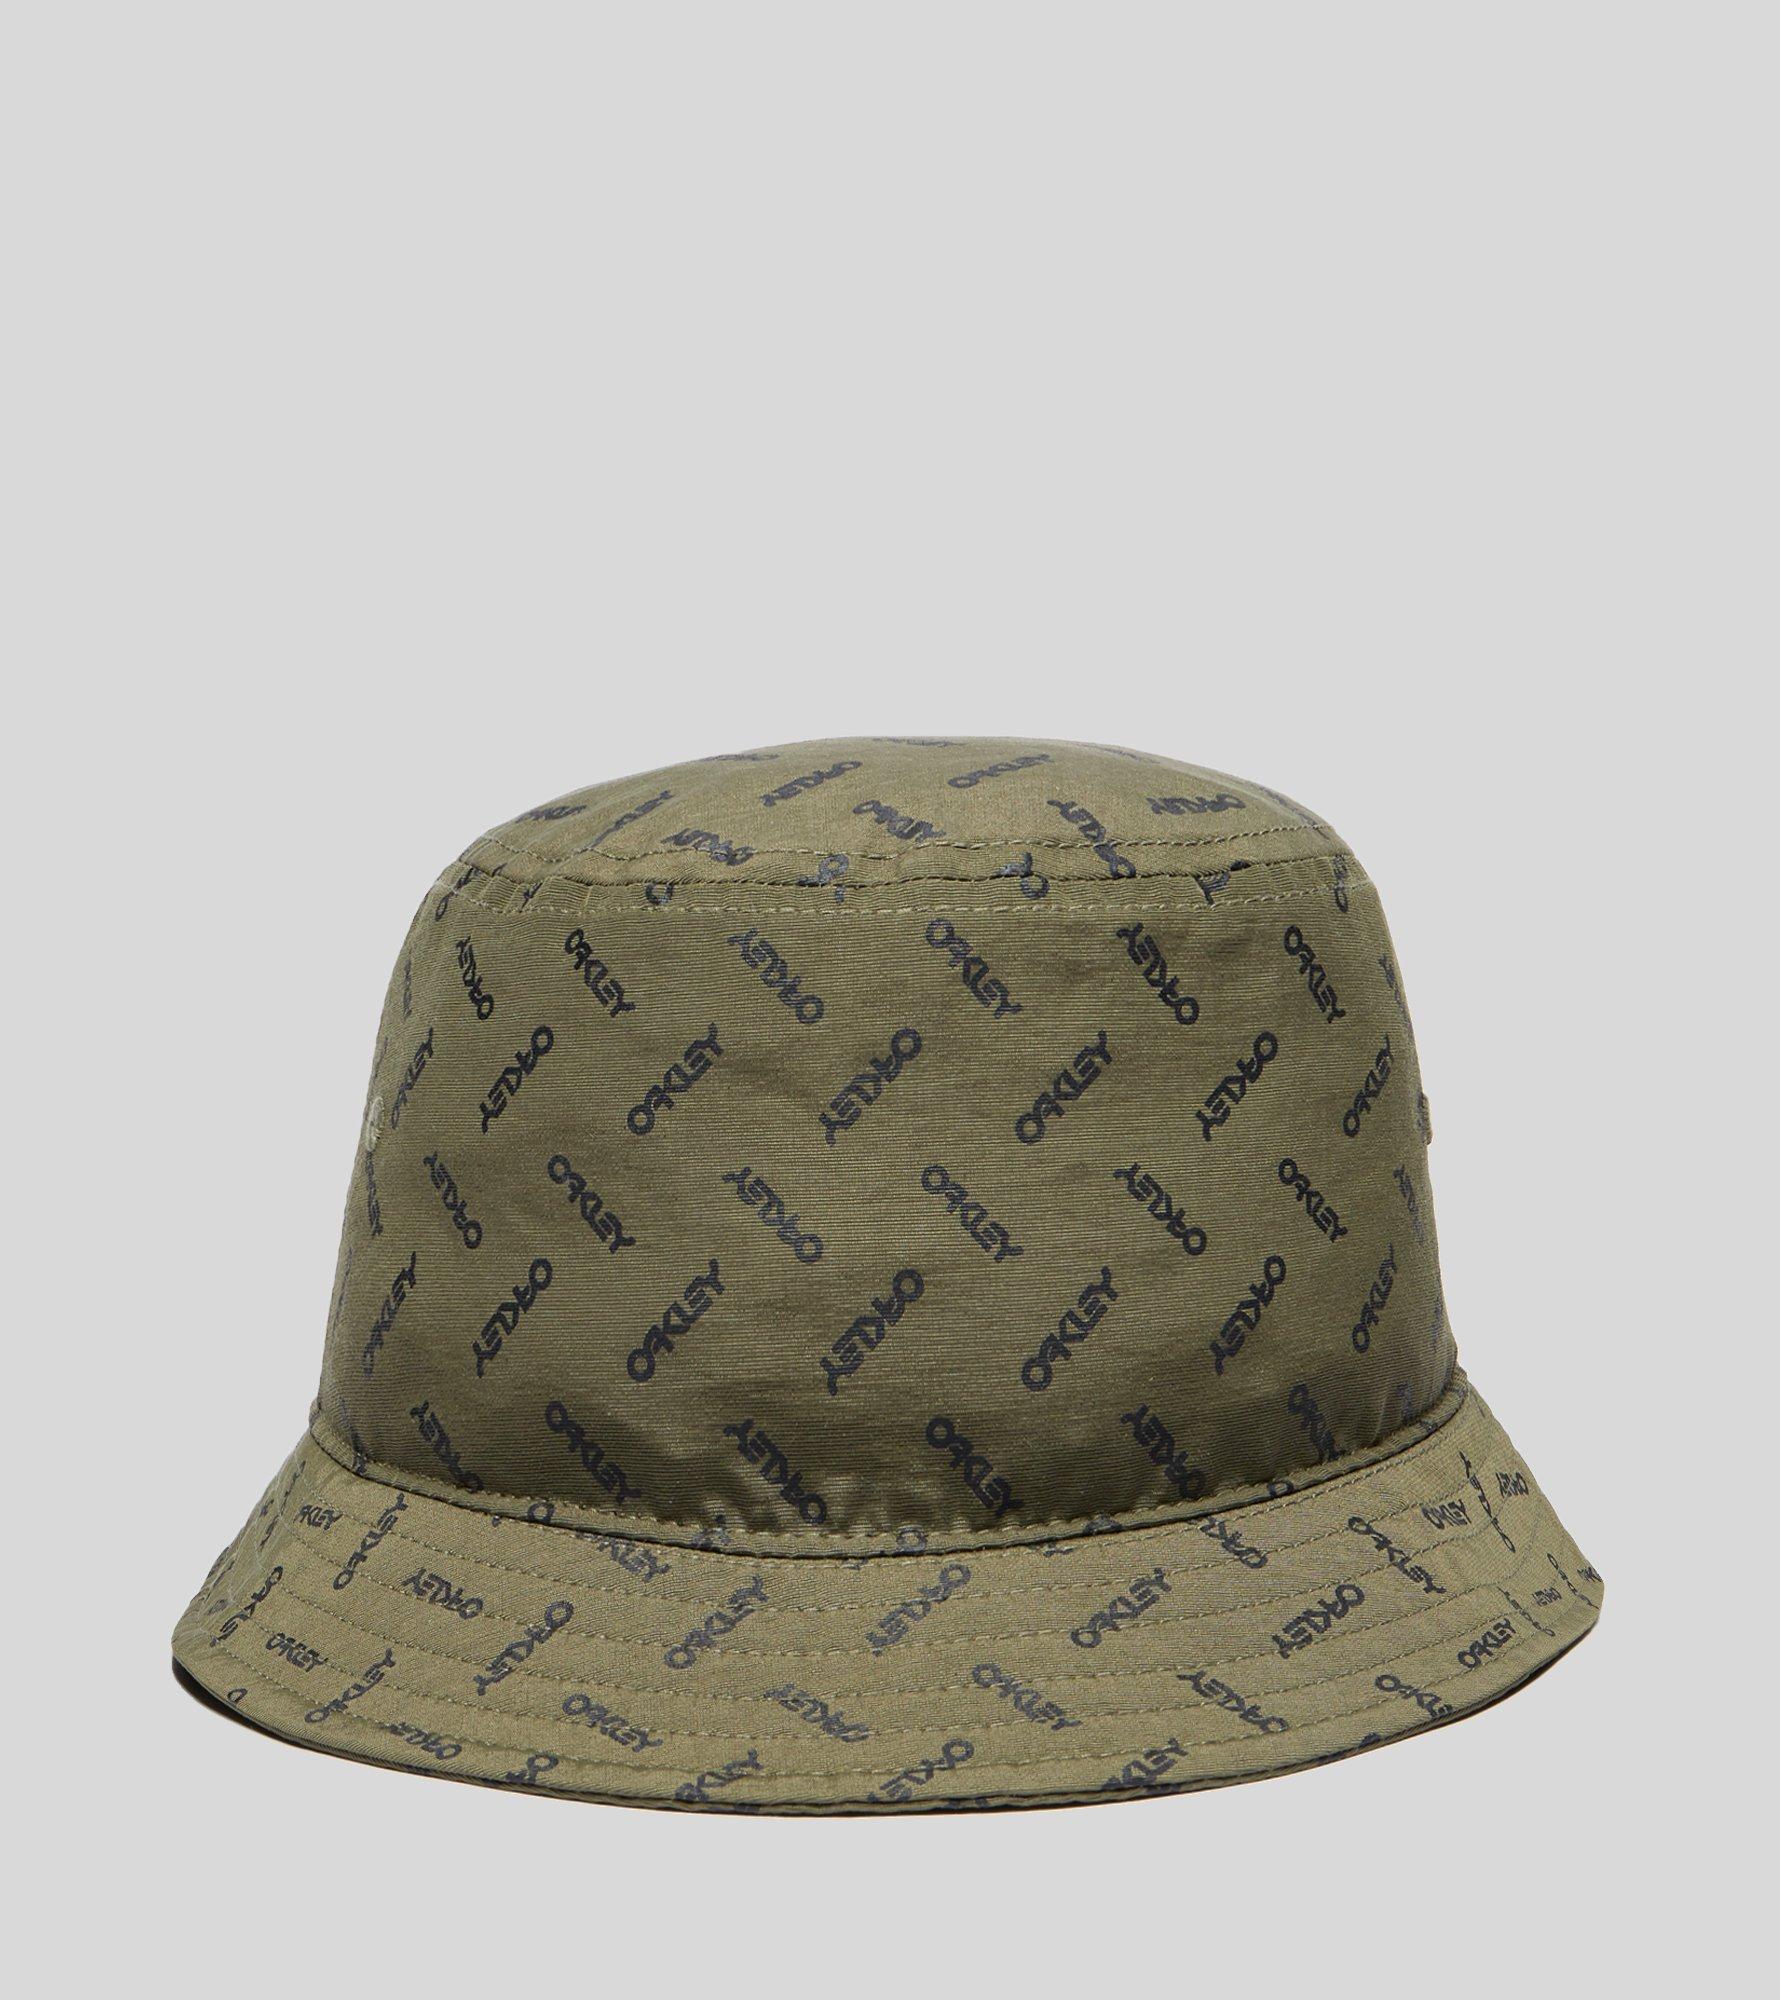 ... purchase lyst oakley logo bucket hat in green for men 7375e 16082 ... be577467d591